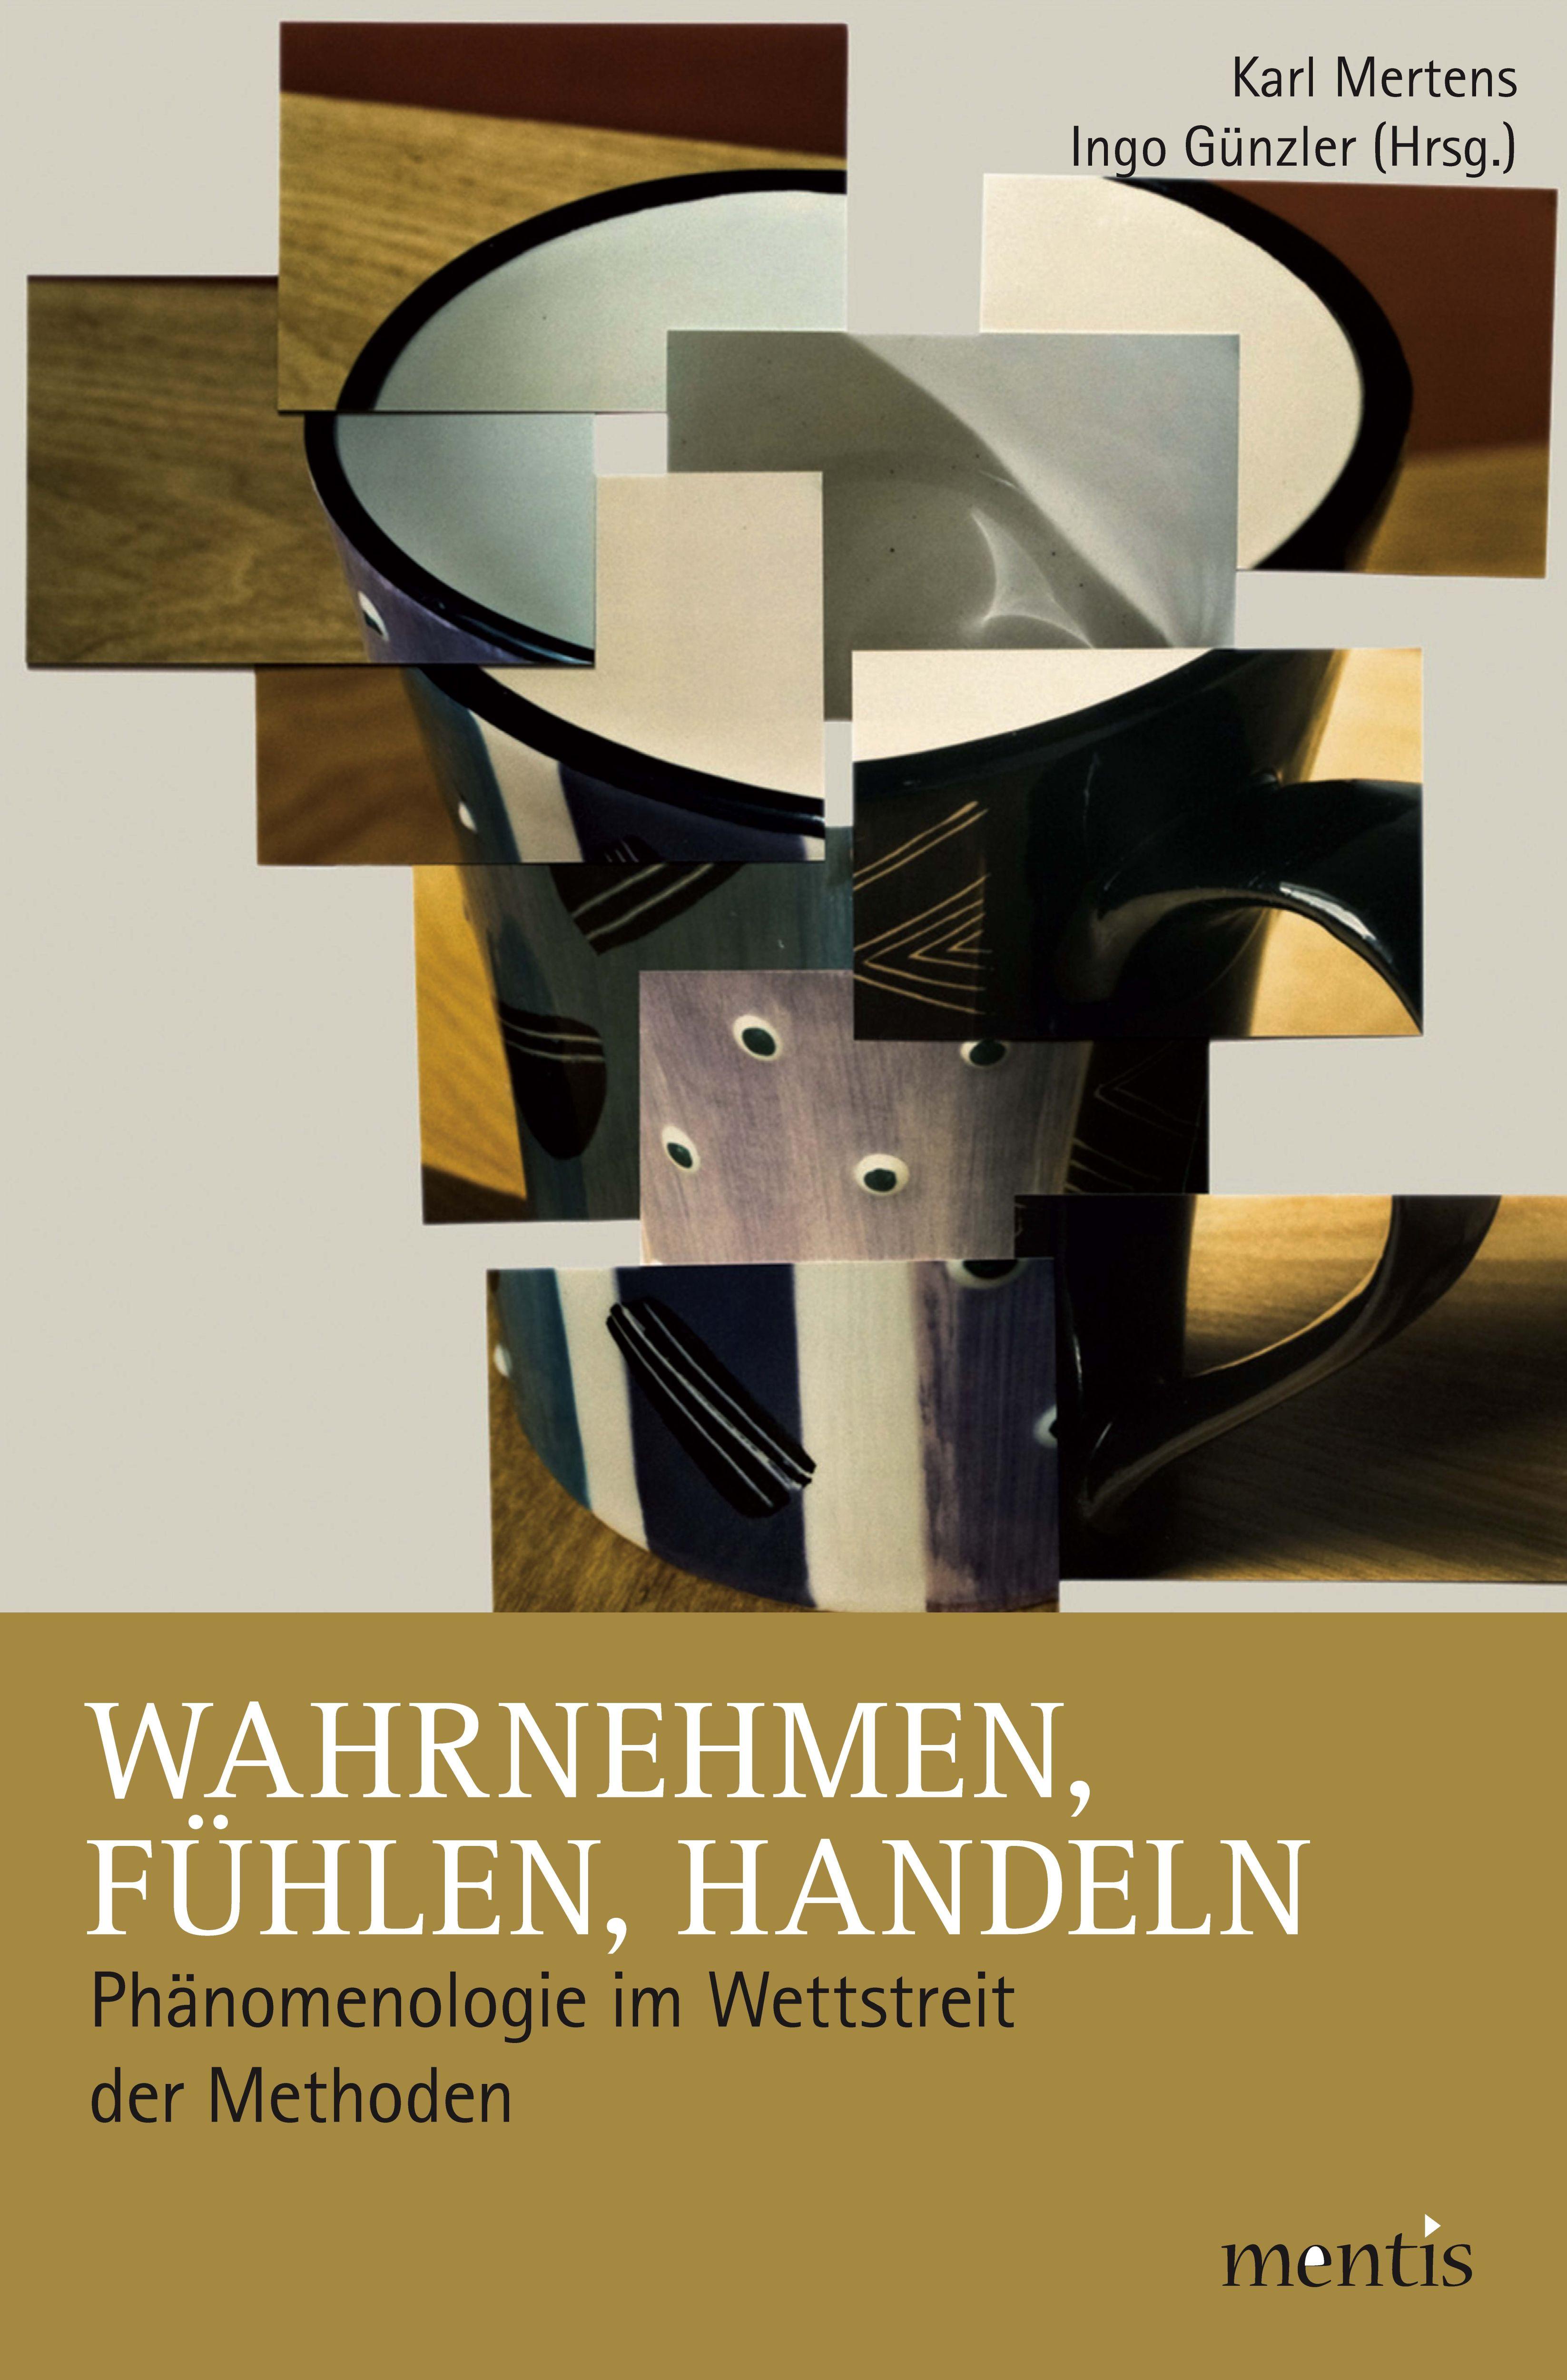 Wahrnehmen, Fühlen, Handeln  Phänomenologie im Wettstreit der Methoden  Karl Mertens  Taschenbuch  Deutsch  2013 - Mertens, Karl